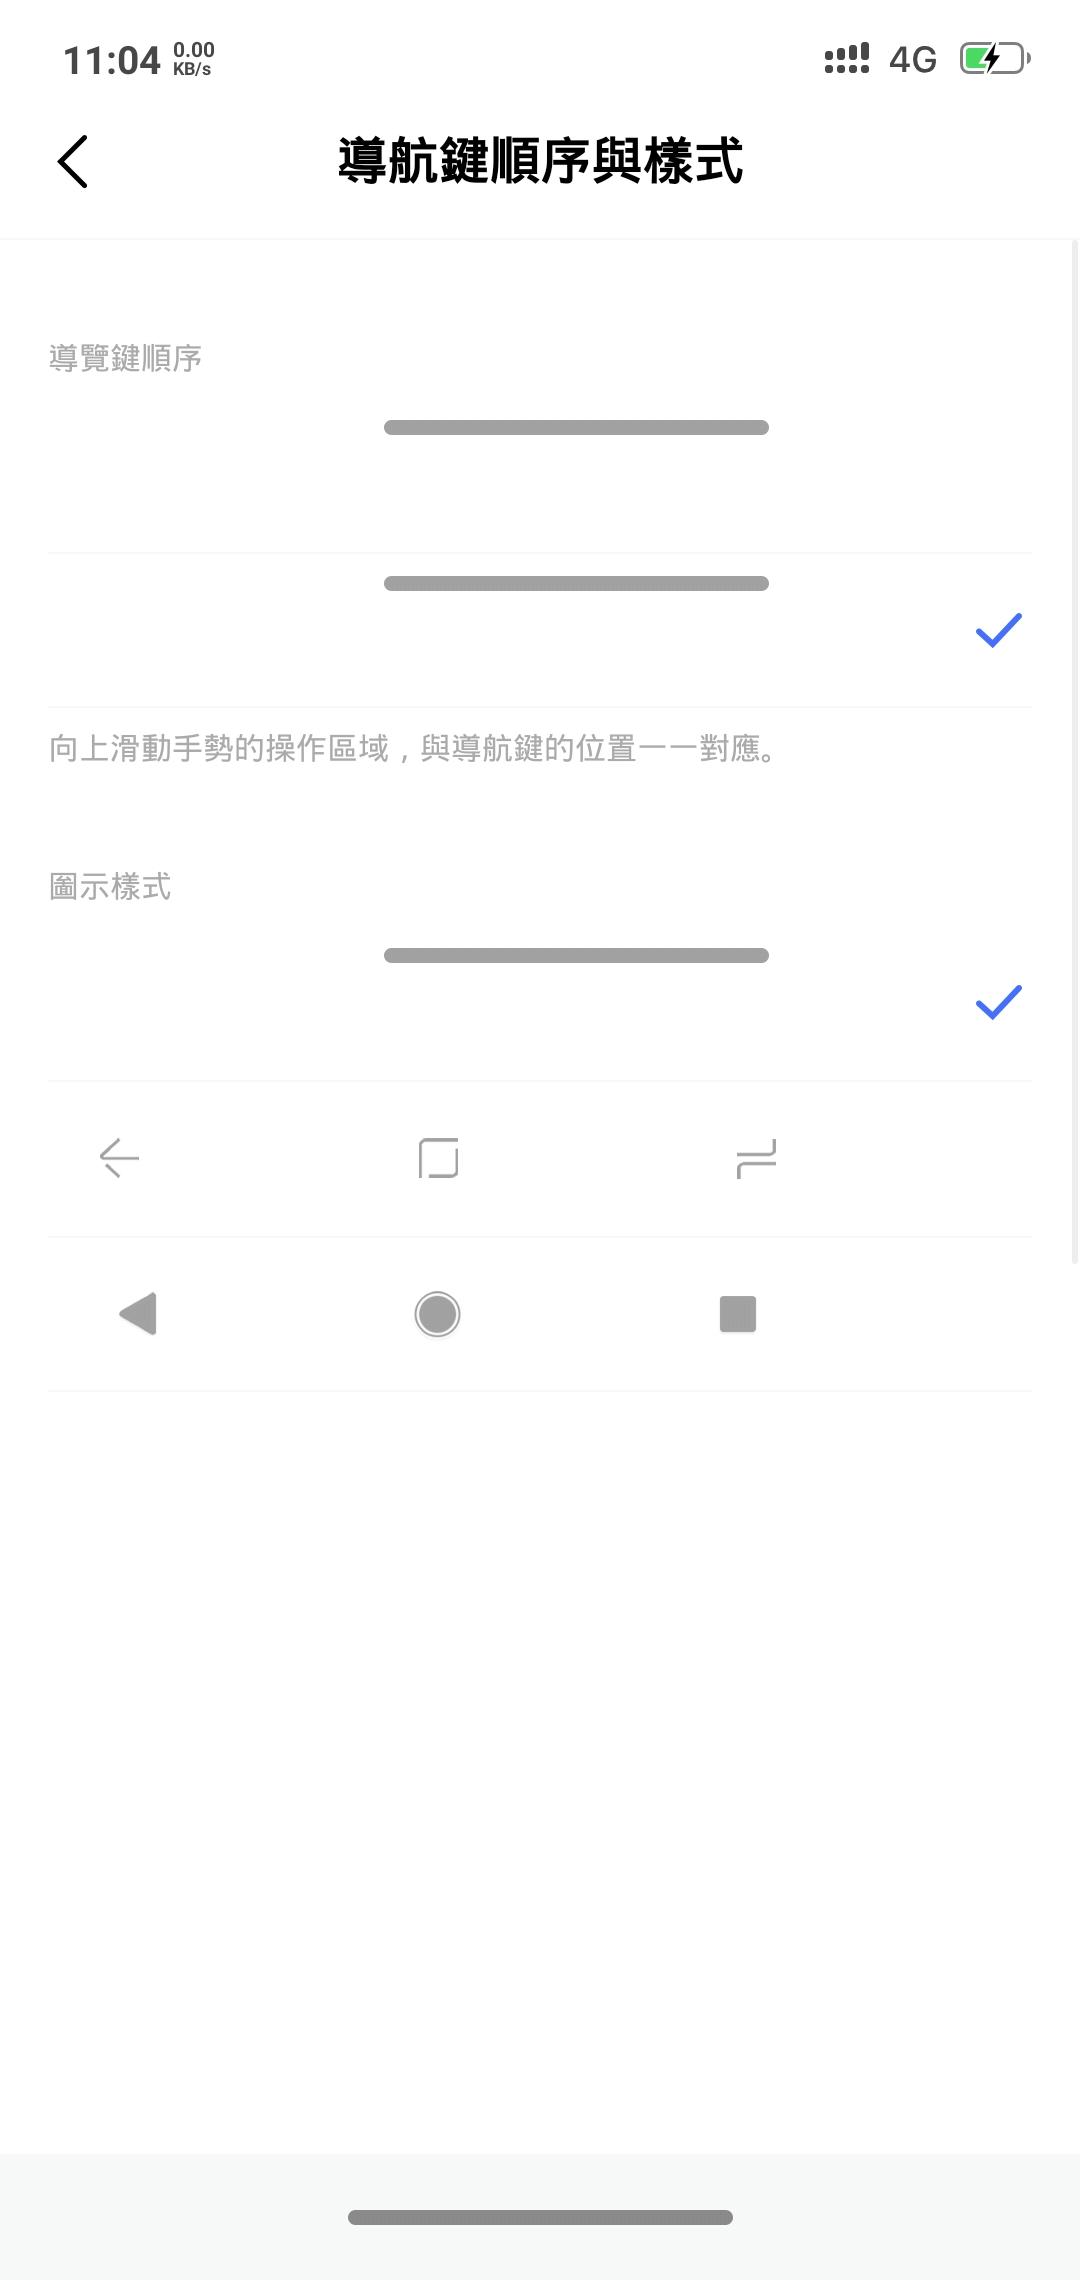 Screenshot_20190512_110500.jpg